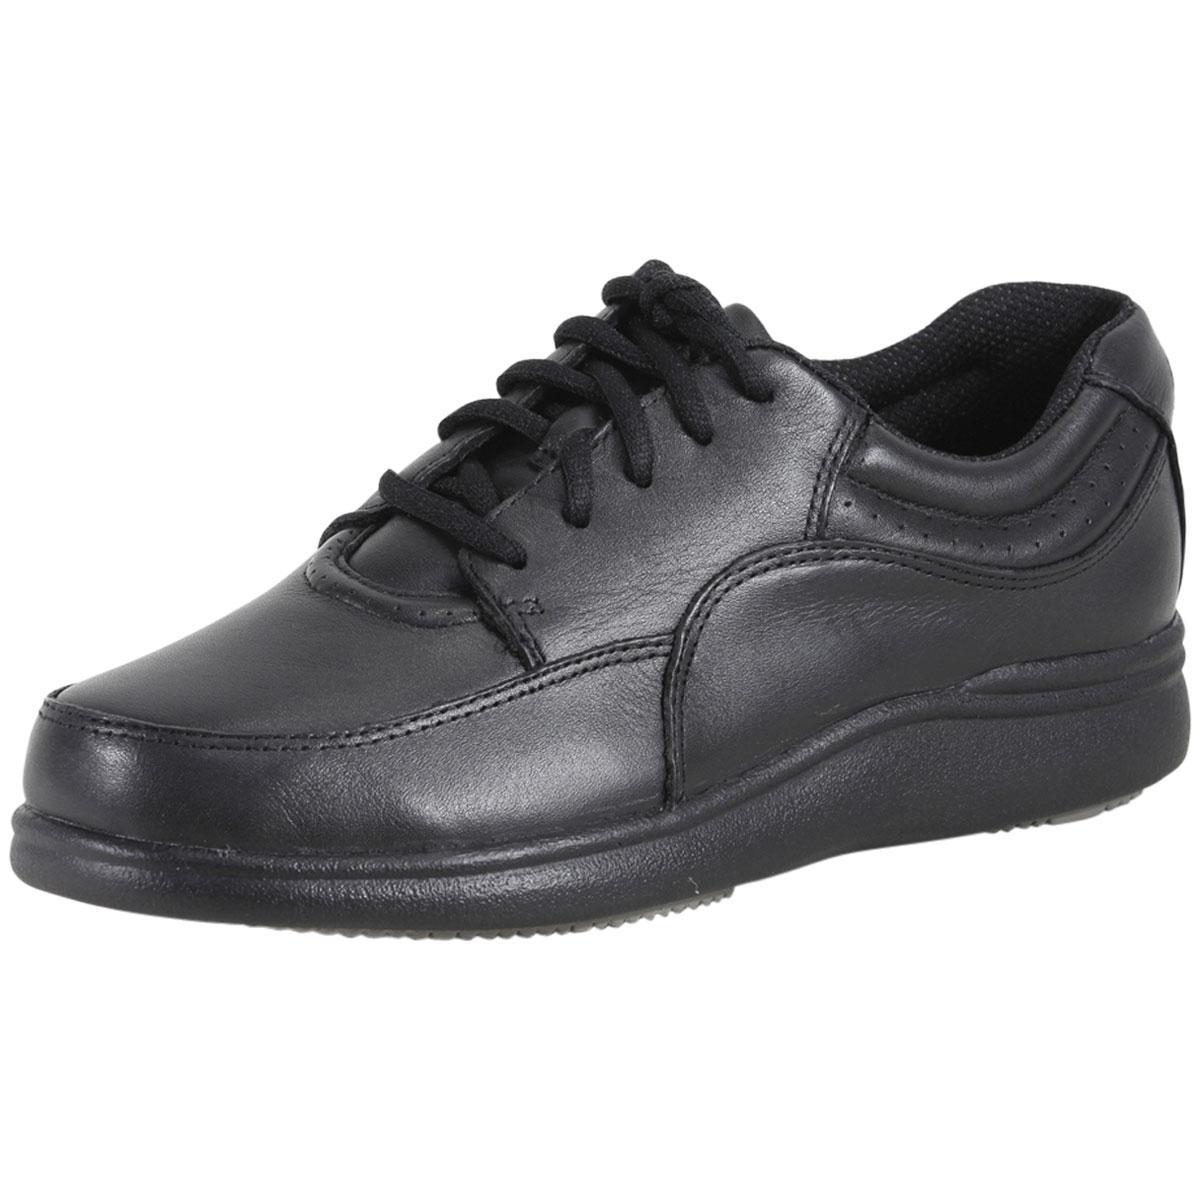 Power Walker Sneakers Shoes